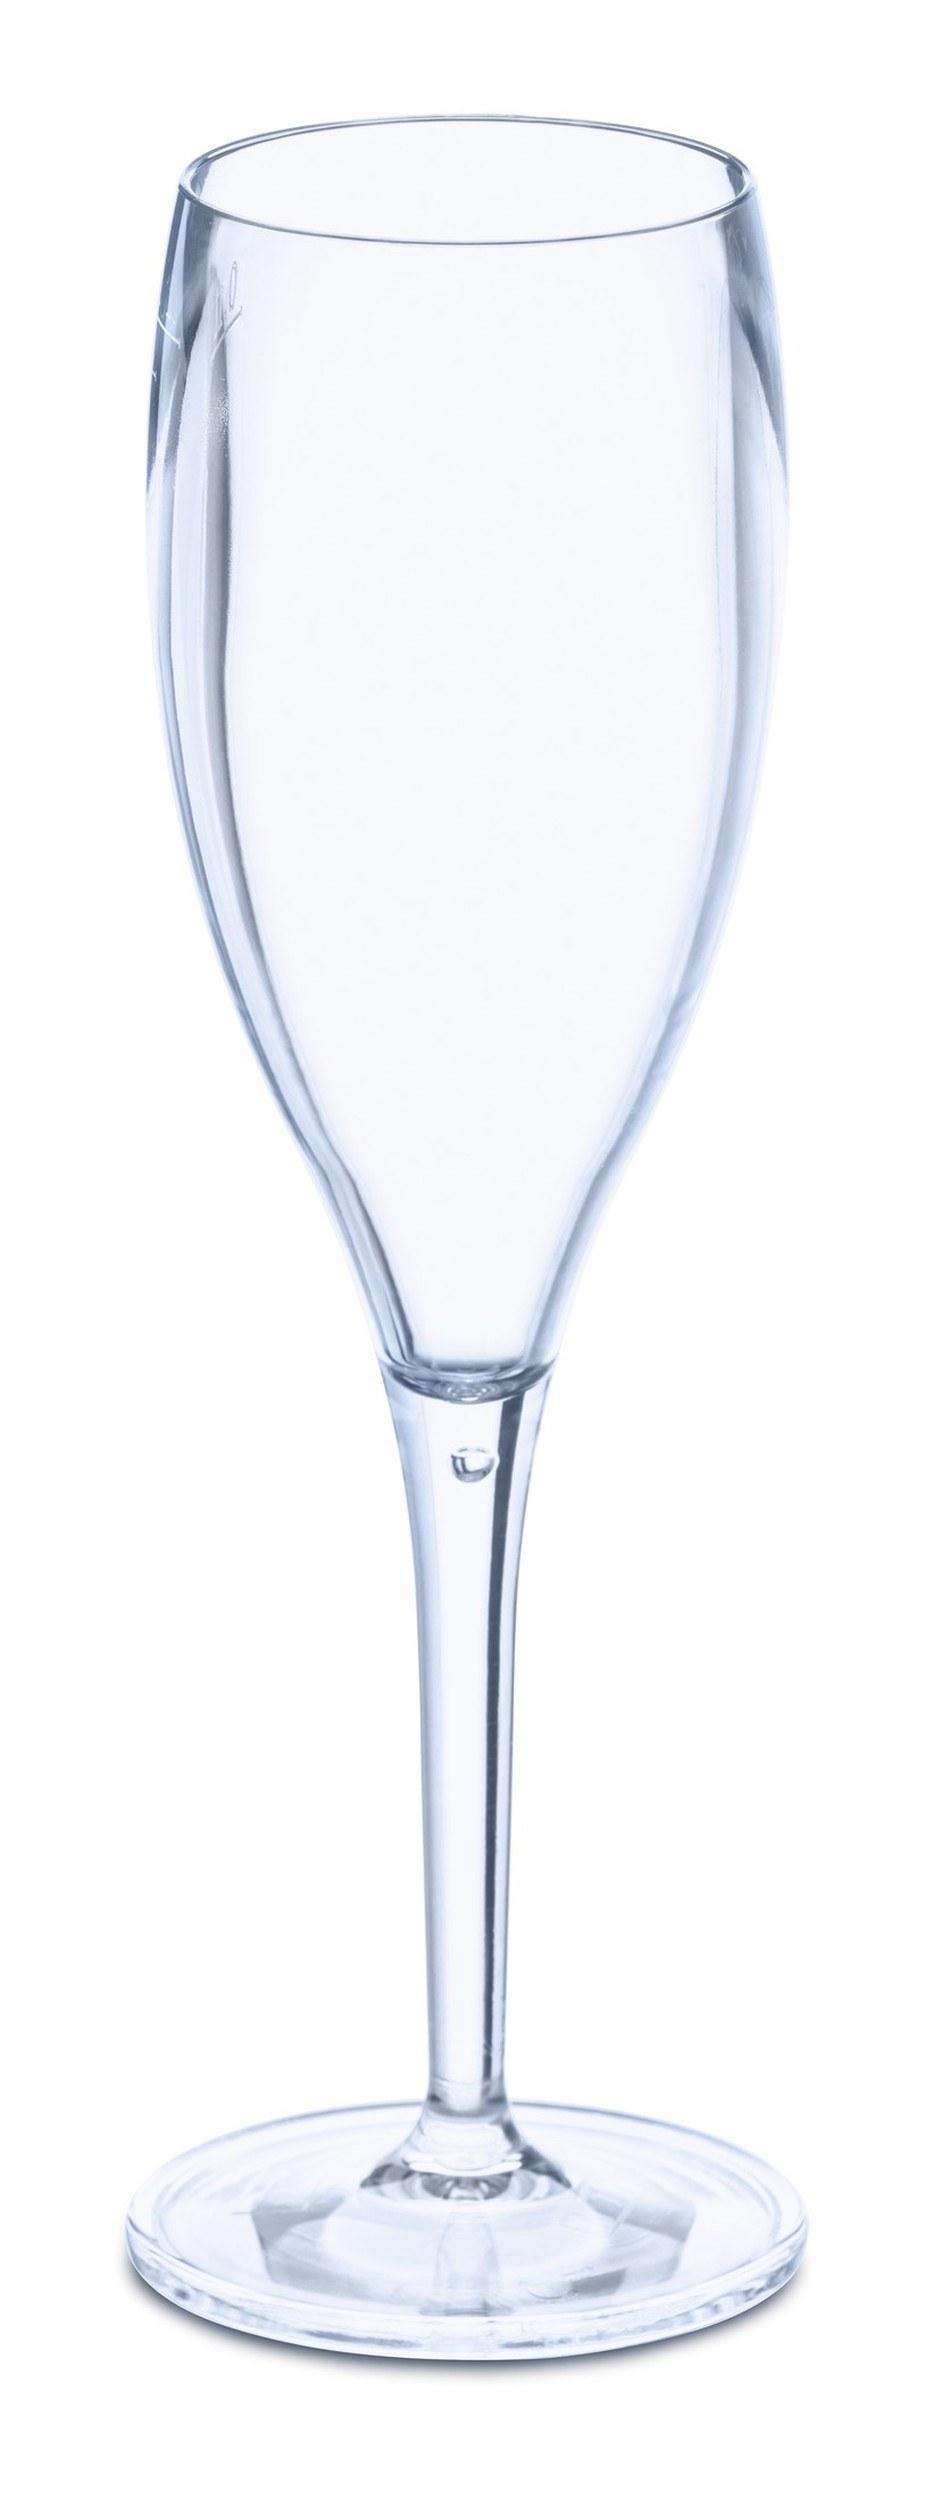 Kieliszki do szampana Cheers 4 szt. transparentne niebieskie